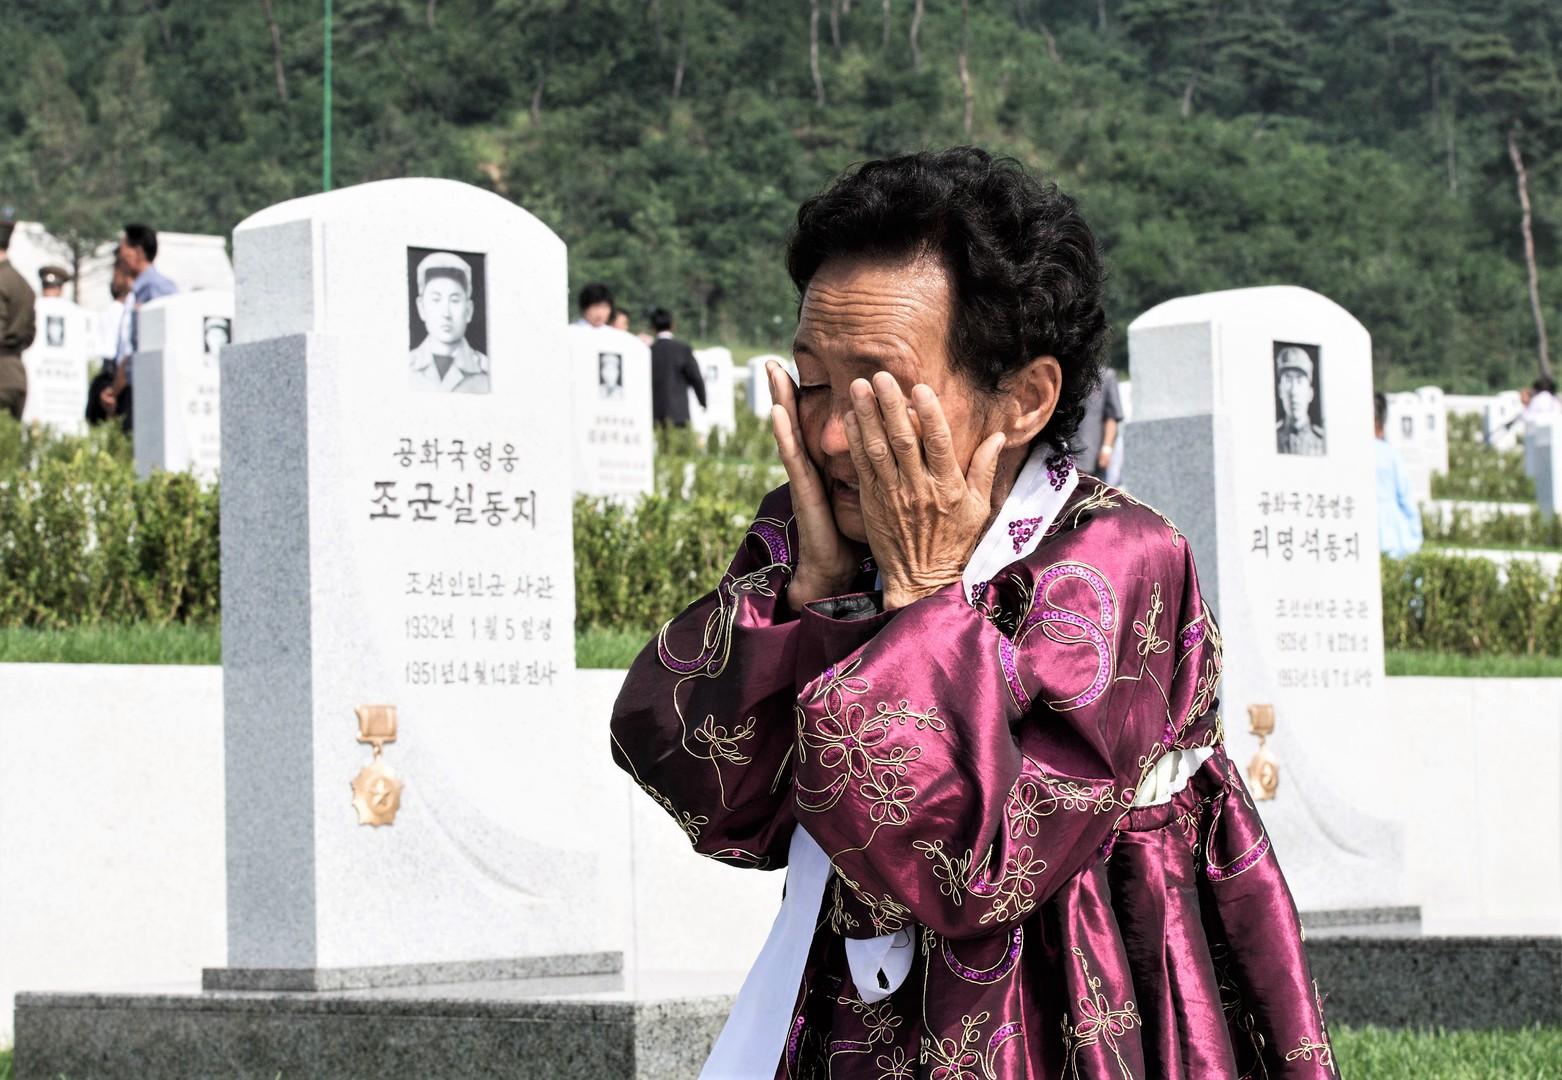 Die Einwohnerin Pjöngjans am Tag der Eröfnung eines Memorialkomplexes, das den Toten während des Koreakrieges 1950-1953 gewidmet ist, 25. Juli 2013